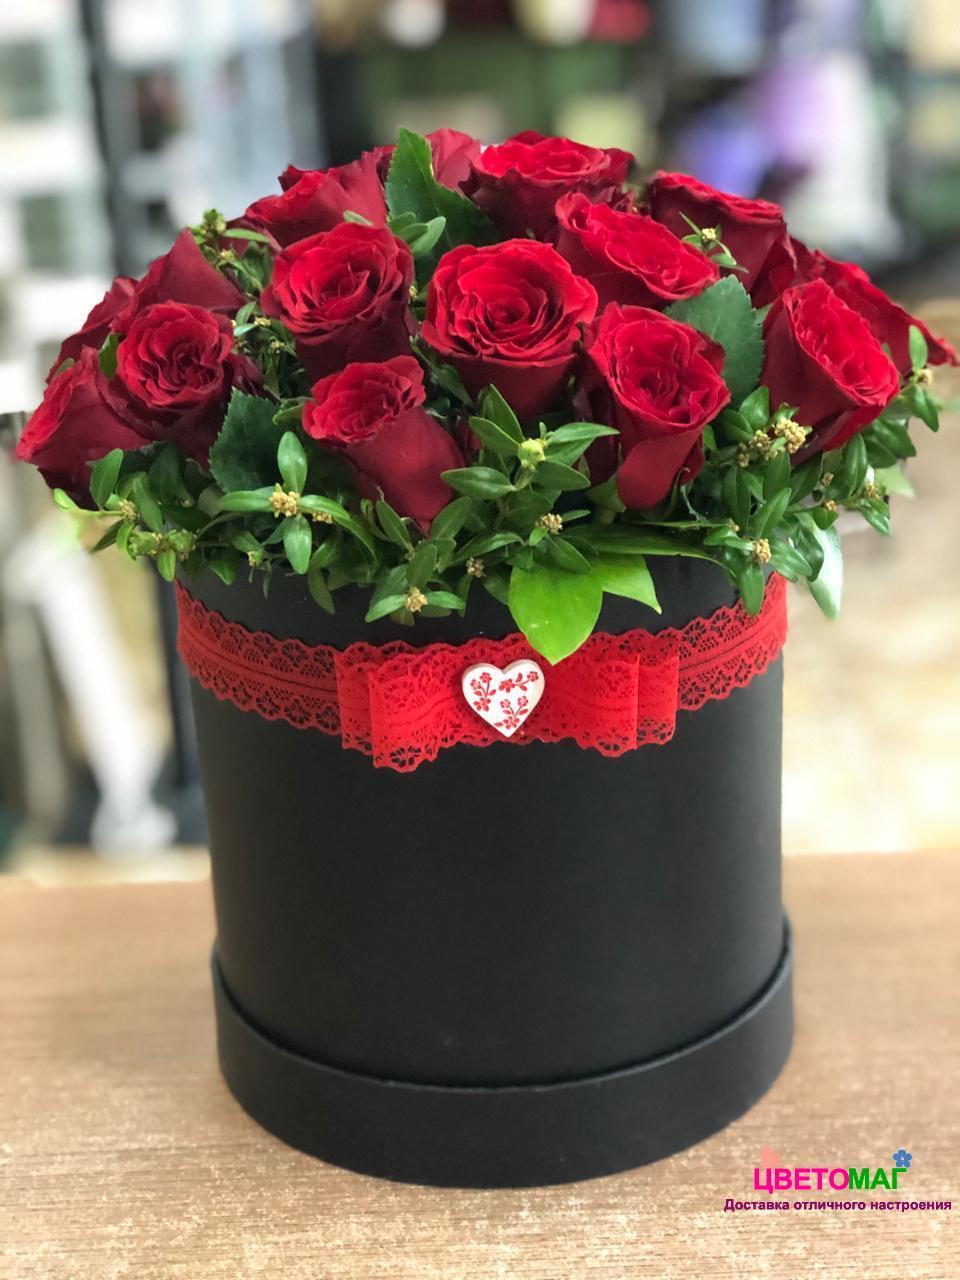 """Шляпная коробка """"Мечта"""" из красной розы"""